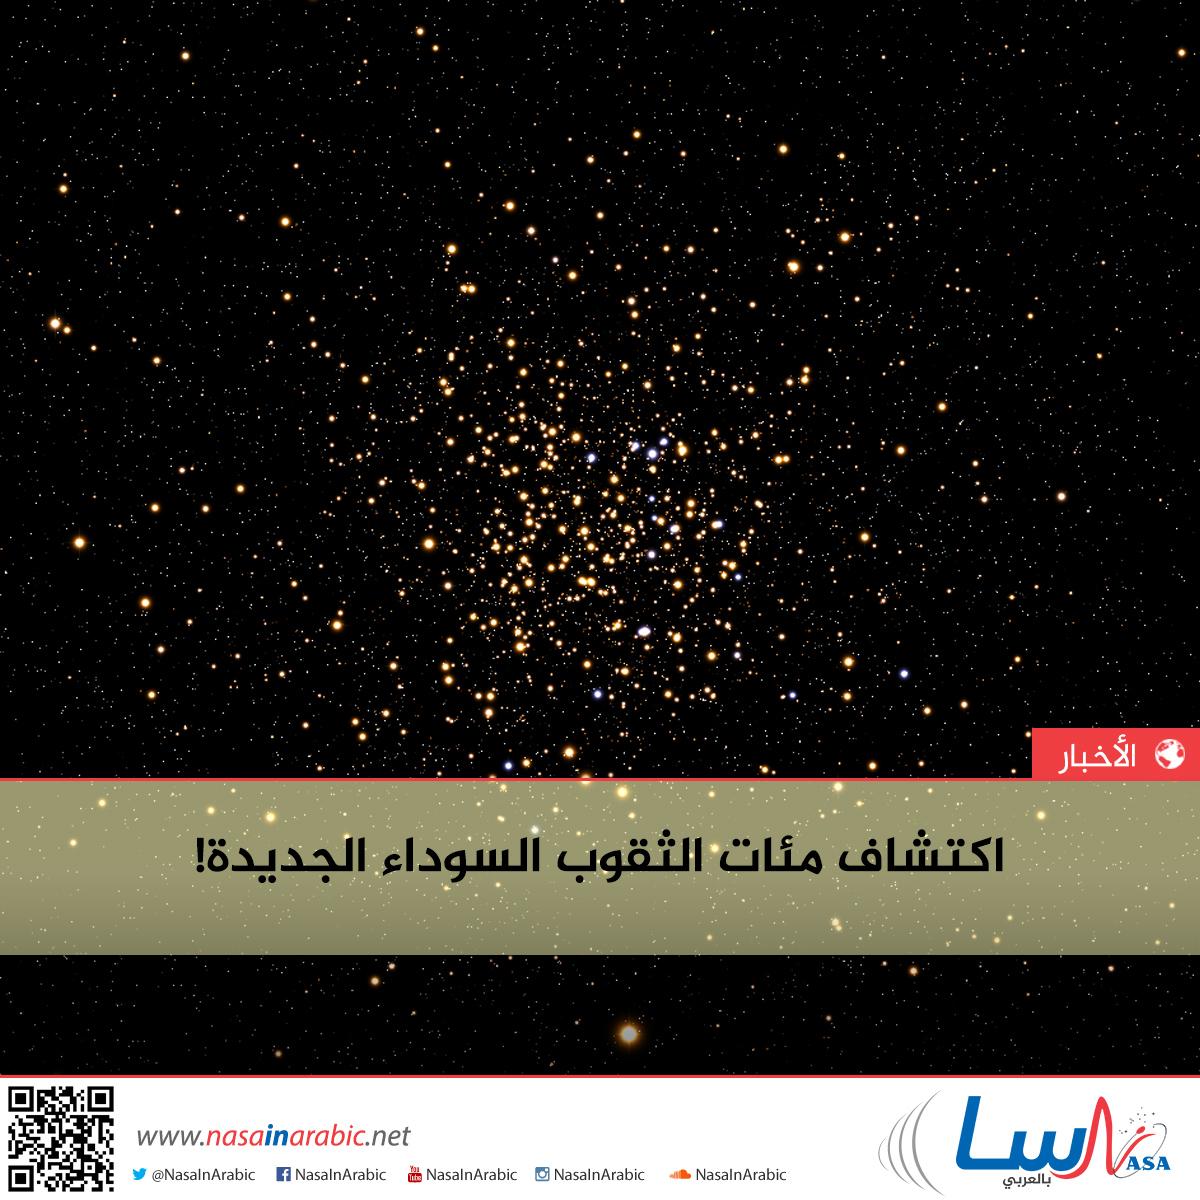 اكتشاف مئات الثقوب السوداء الجديدة!